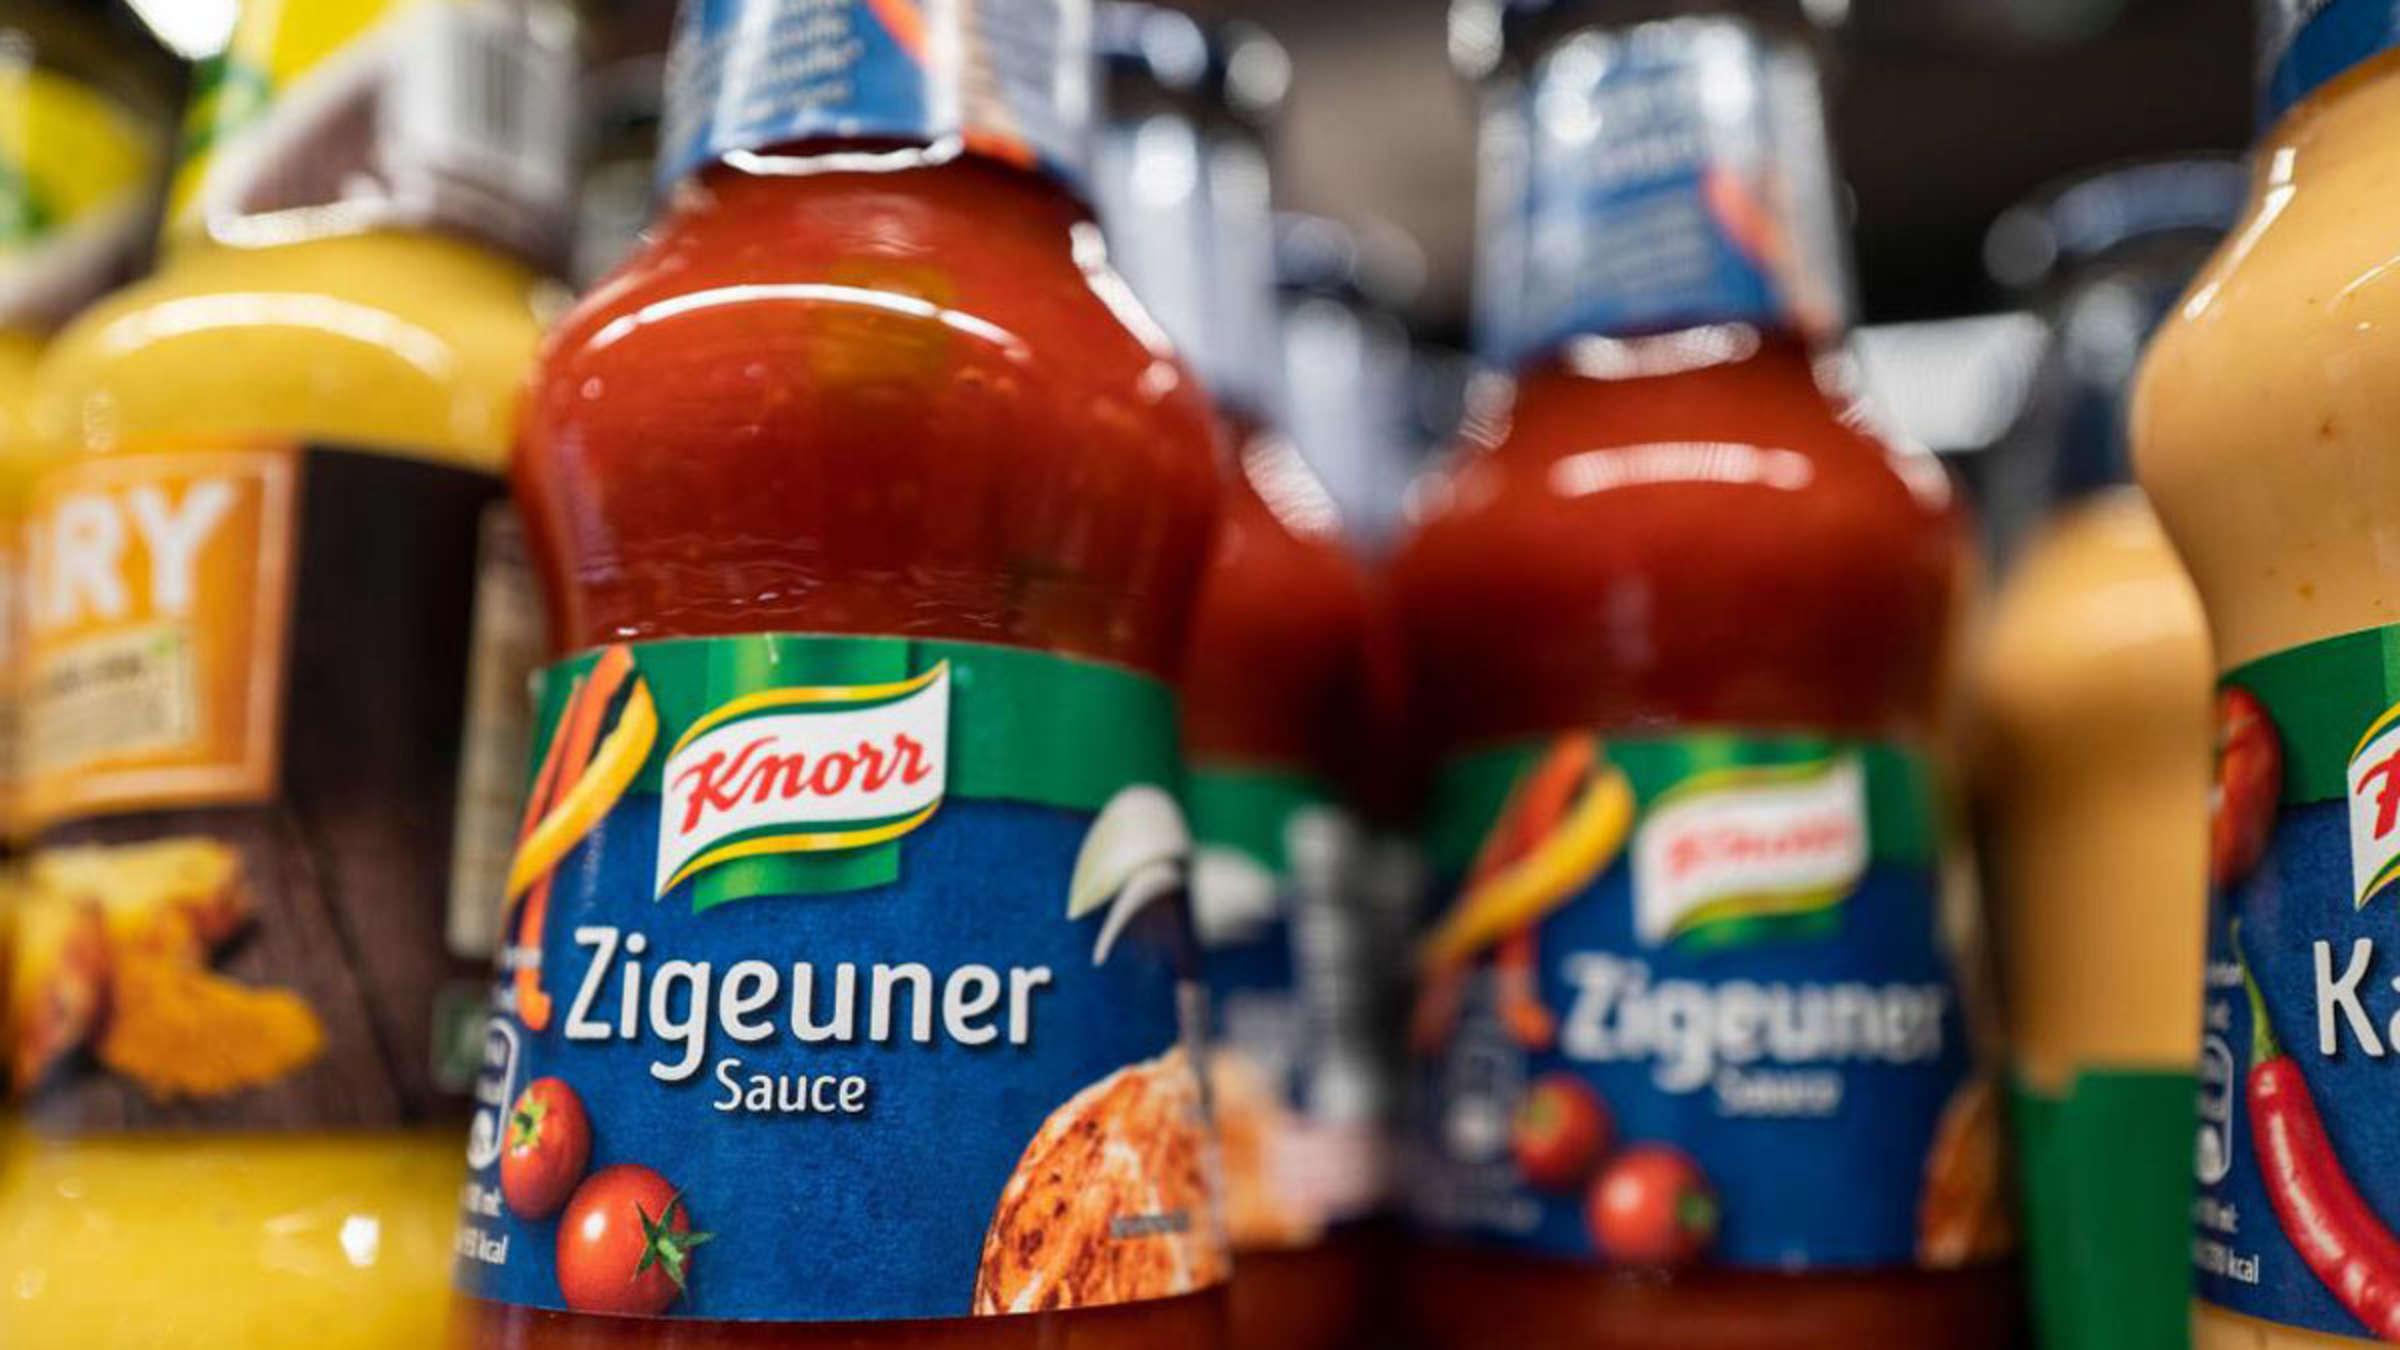 Knorr переименует «Цыганский соус» из-за обвинений в расизме